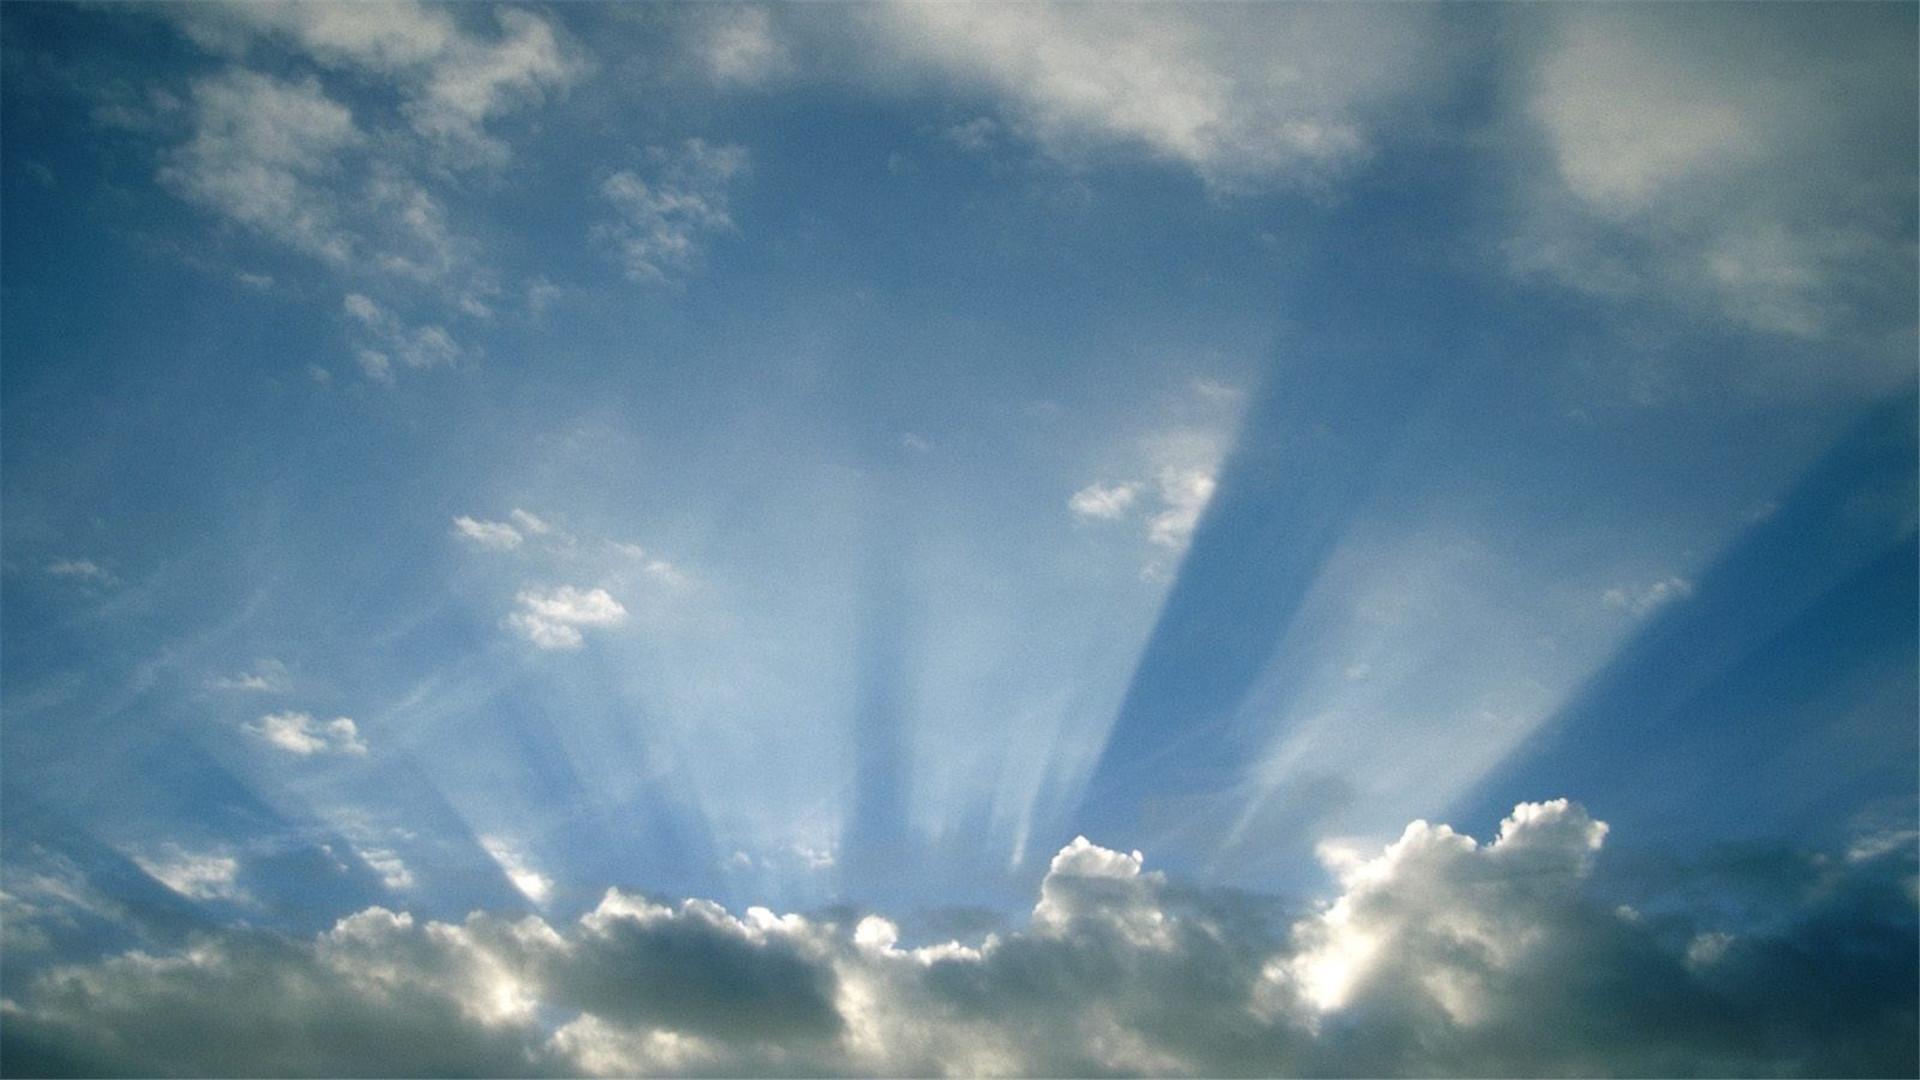 天空壁纸 粉色的云朵天空风景唯美壁纸